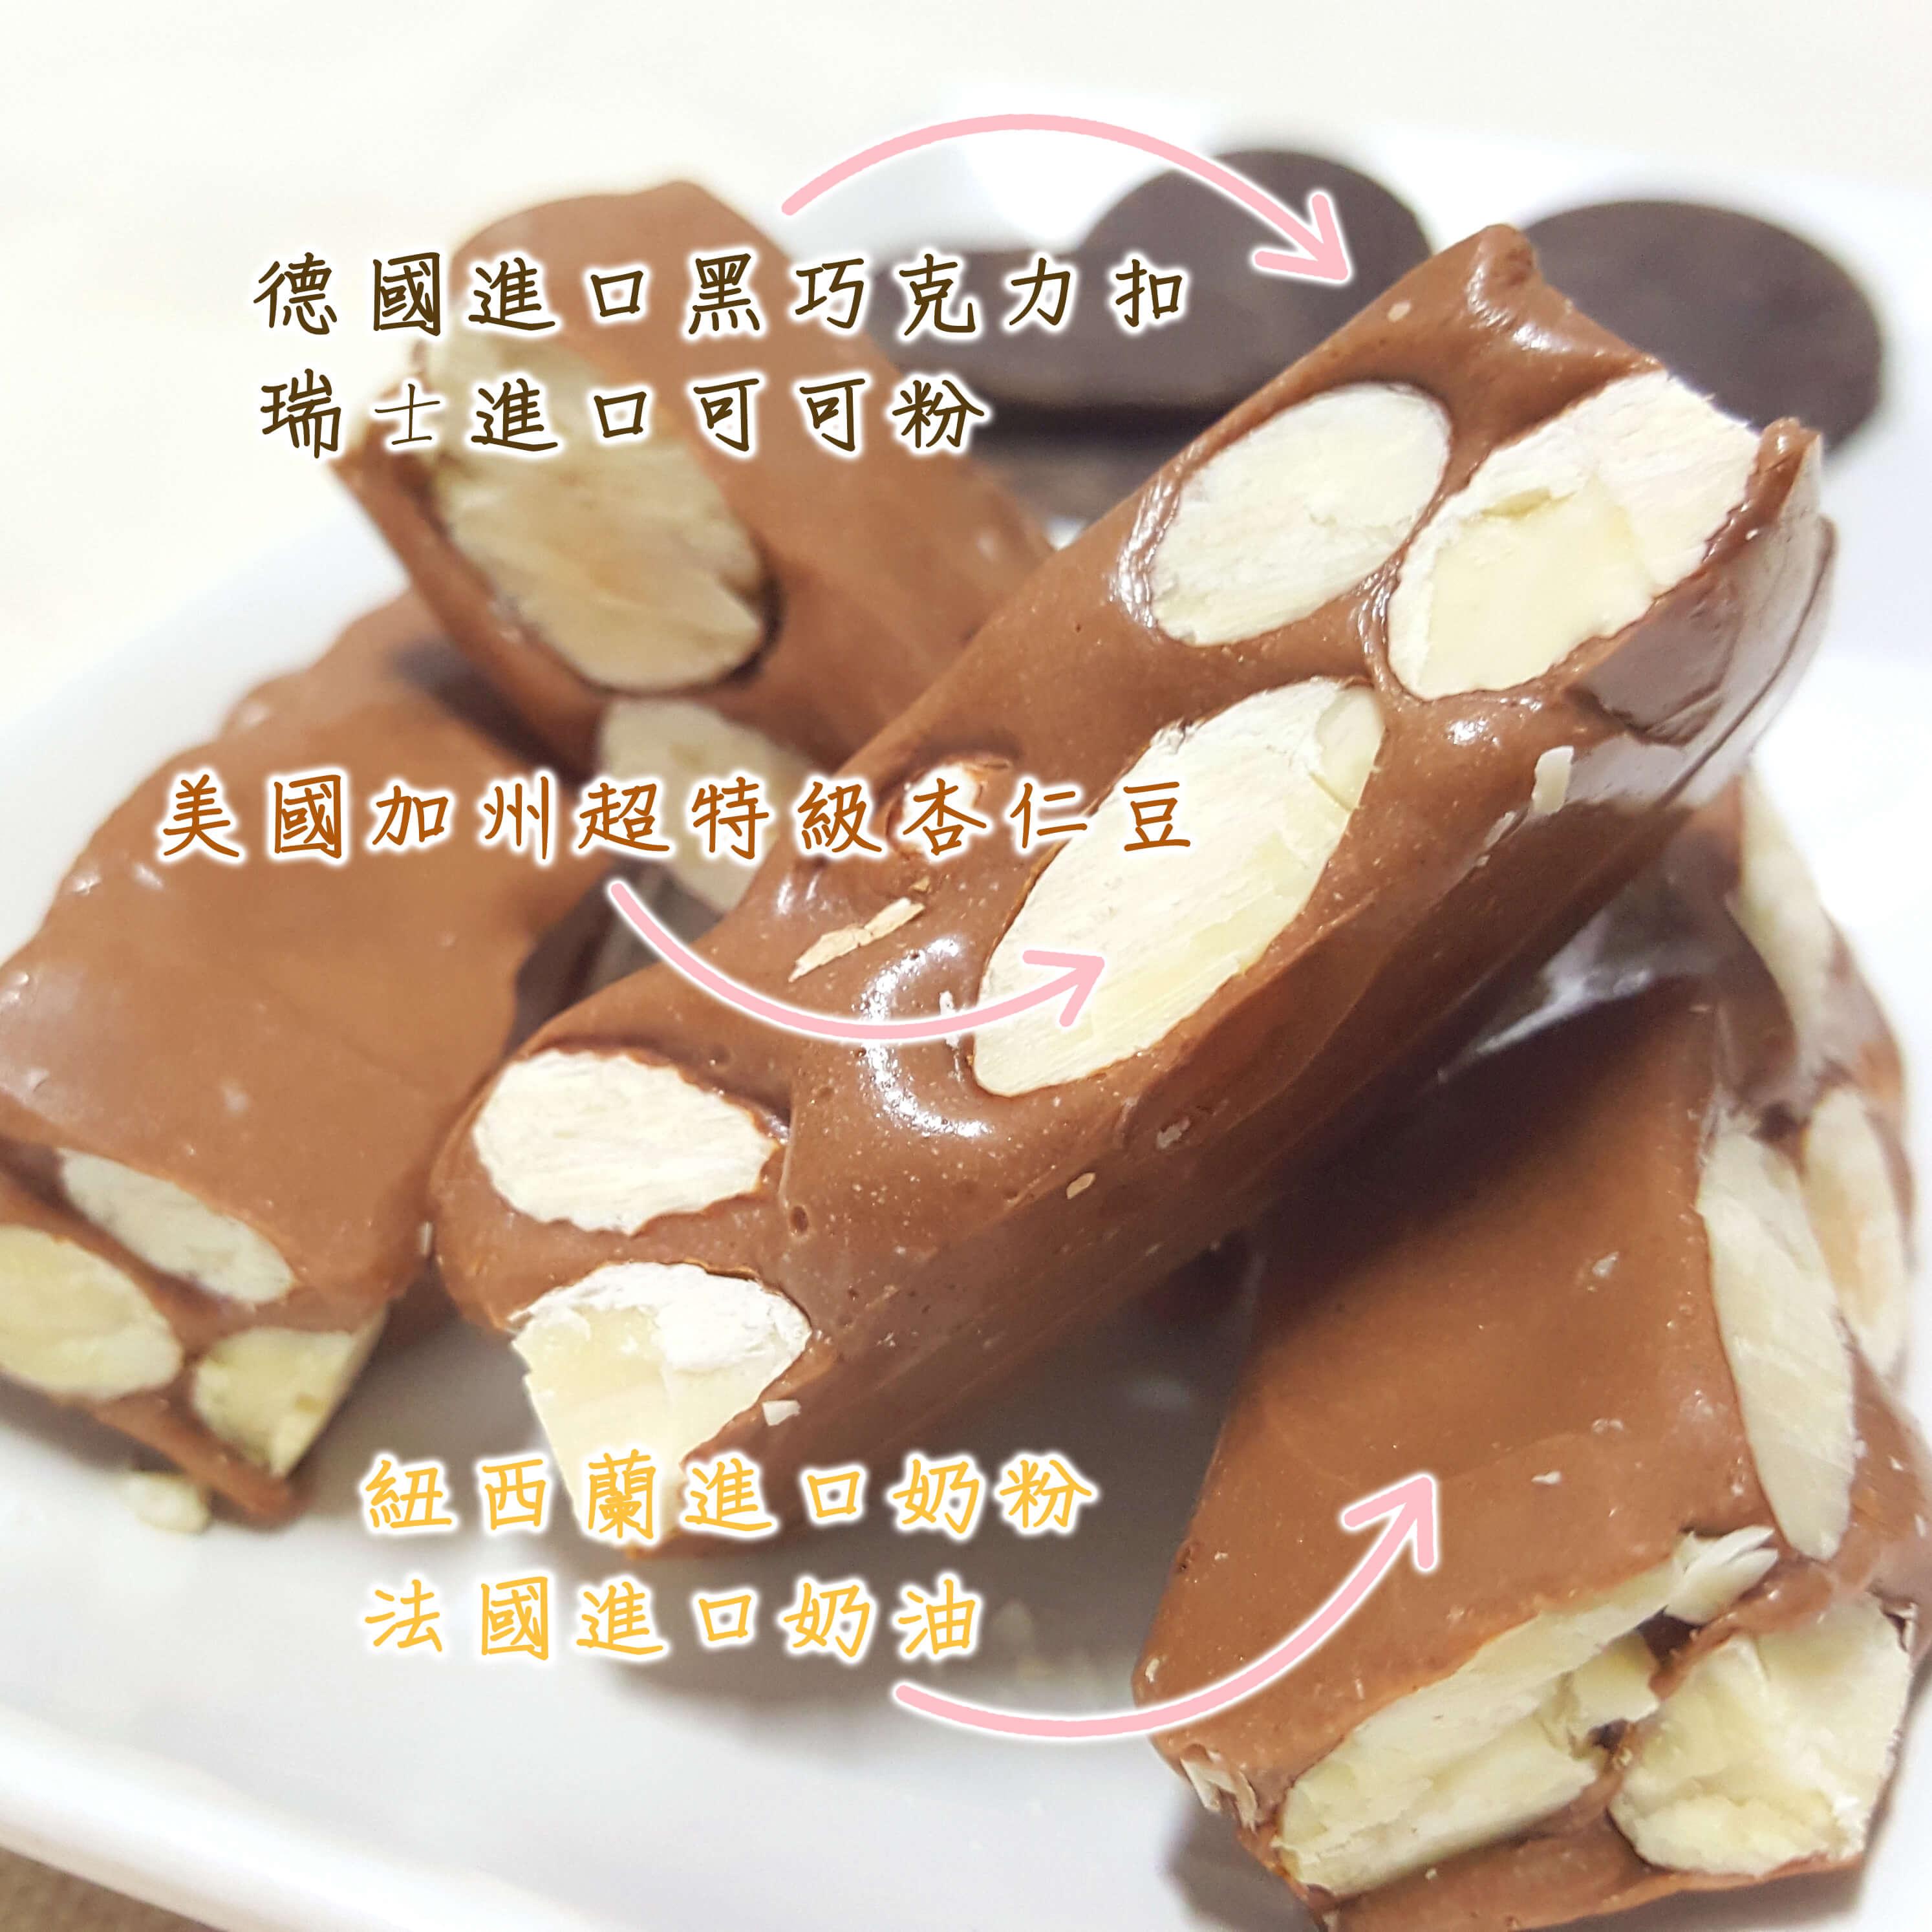 【采果食品坊】巧克力杏仁牛軋糖 216g / 盒裝 3